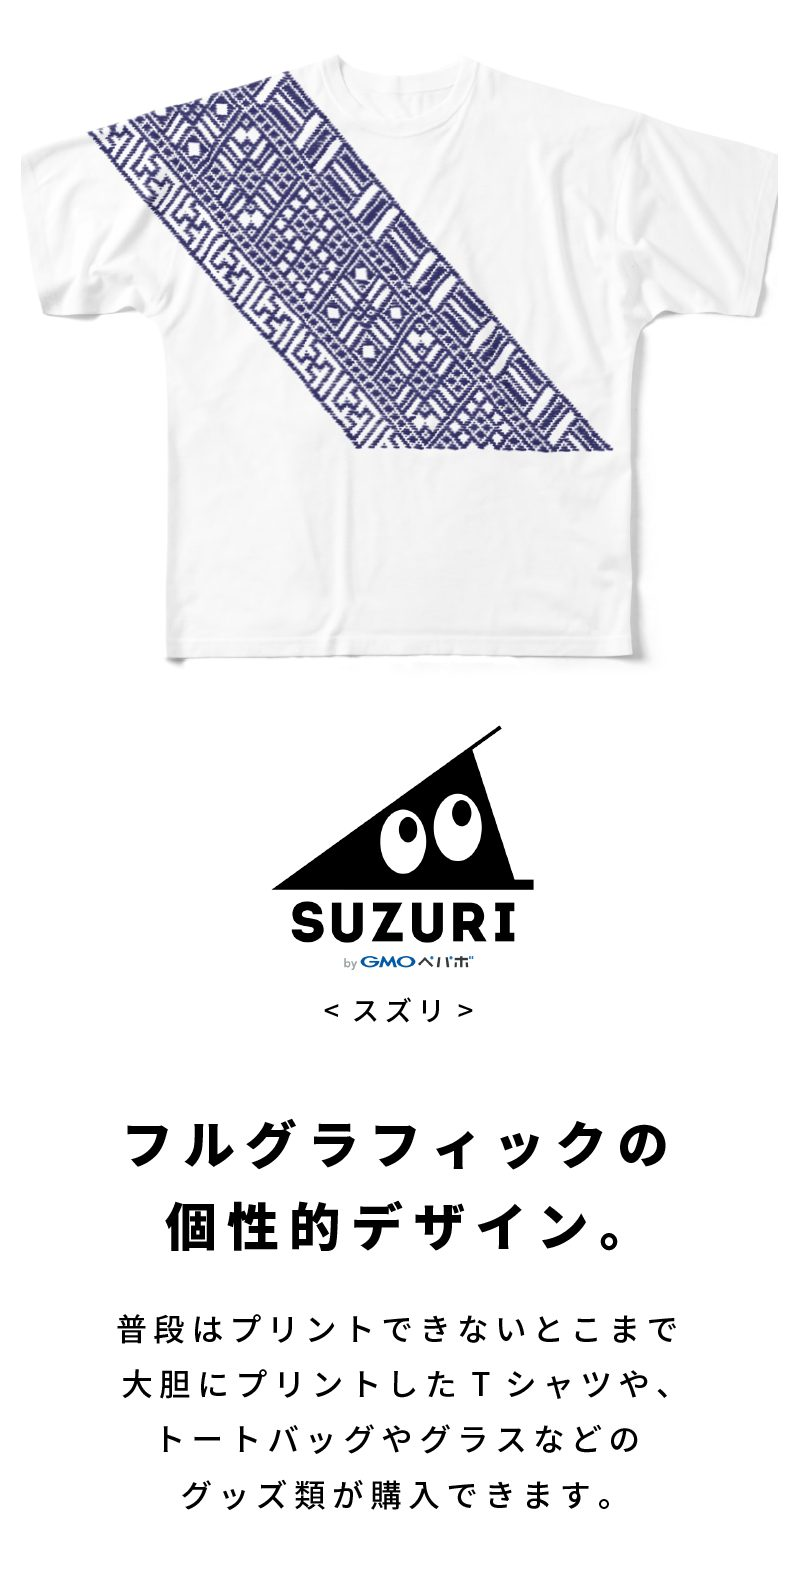 SUZURI(スズリ)フルグラフィックの個性的デザイン。普段はプリントできないとこまで大胆にプリントしたTシャツや、トートバッグやグラスなどのグッズ類が購入できます。